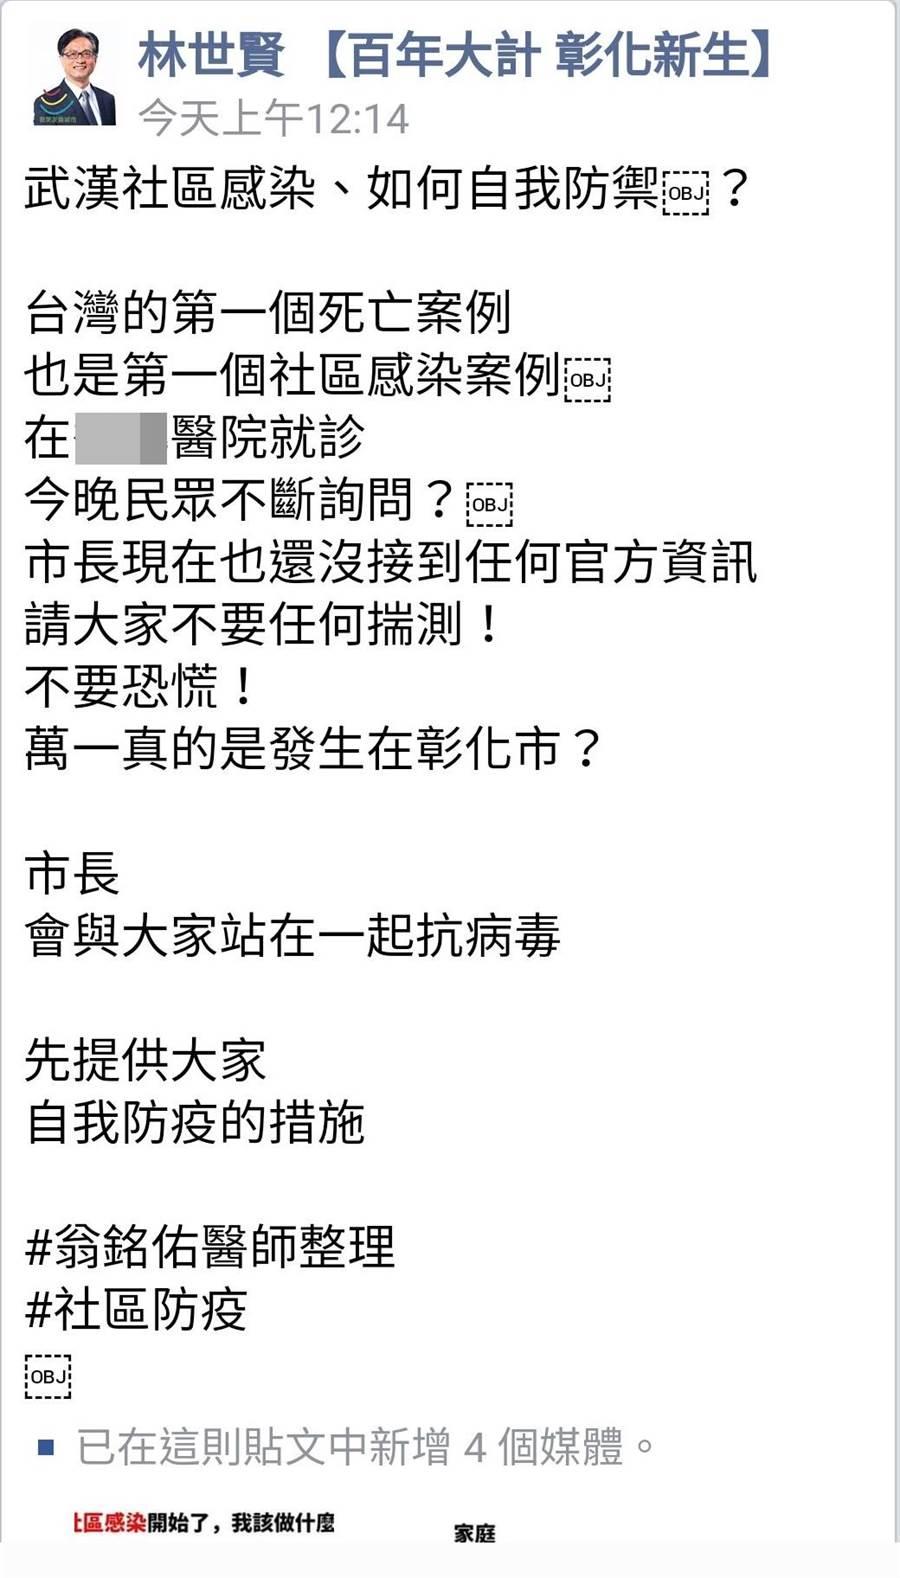 彰化市長林世賢凌晨在個人臉書粉專貼文,呼籲市民勿恐慌,也一度直指疑似收治死亡首例的醫院名稱,但上午已重新編輯更正貼文內容。(翻攝臉書/謝瓊雲彰化傳真)